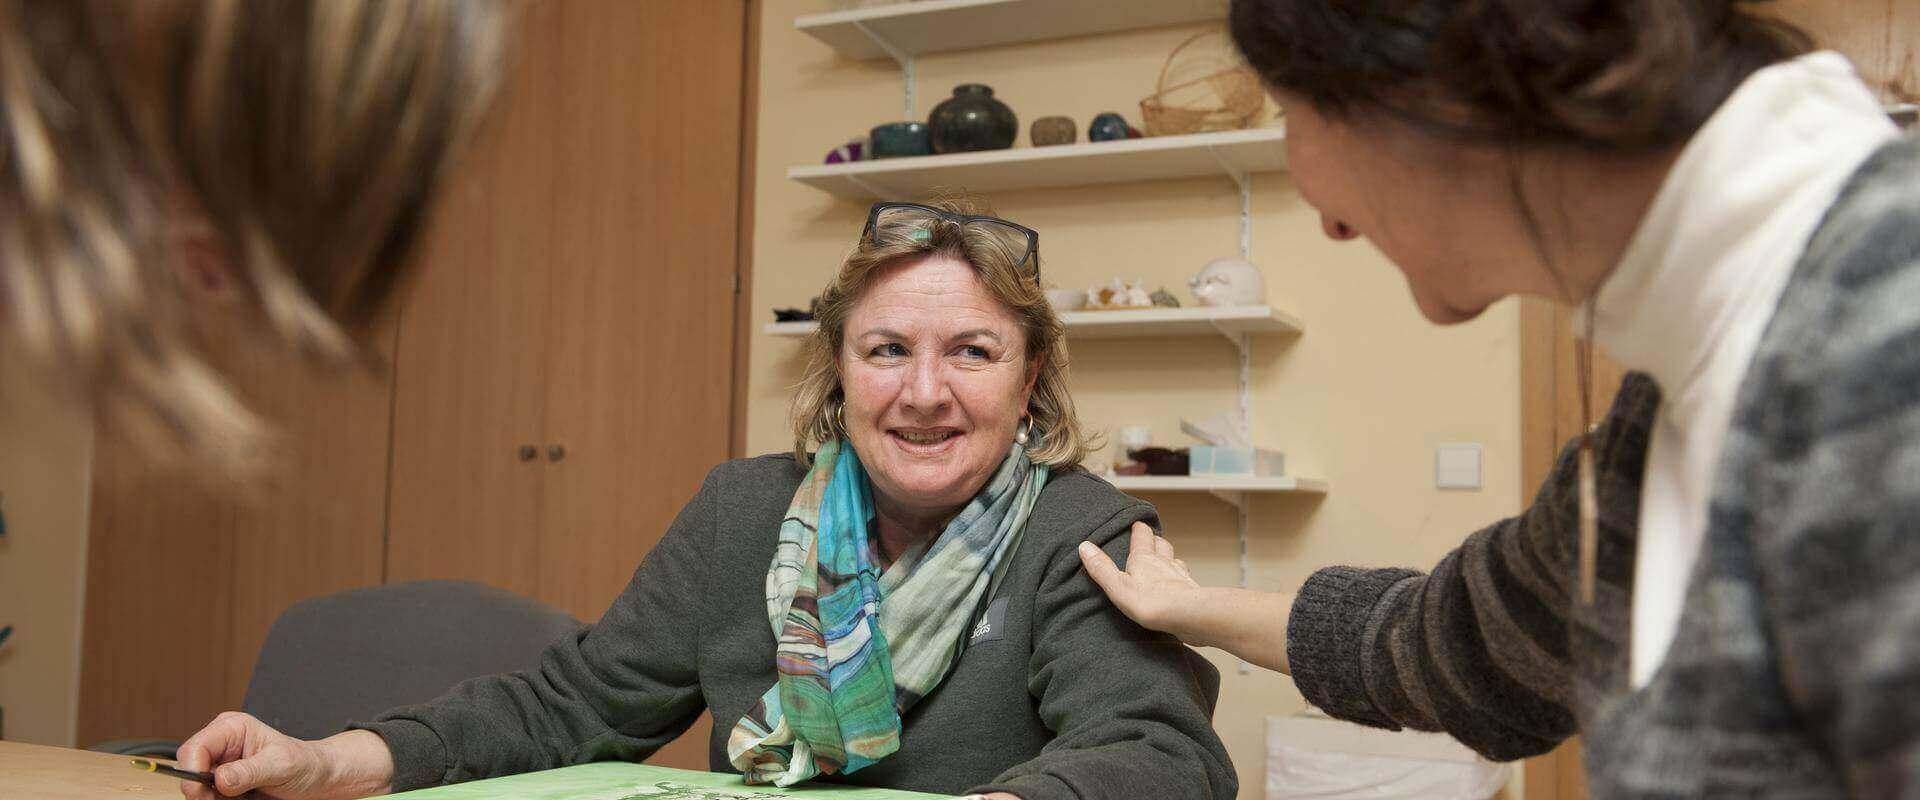 Patientinnen unterhalten sich in der MEDIAN Klinik Bad Lobenstein